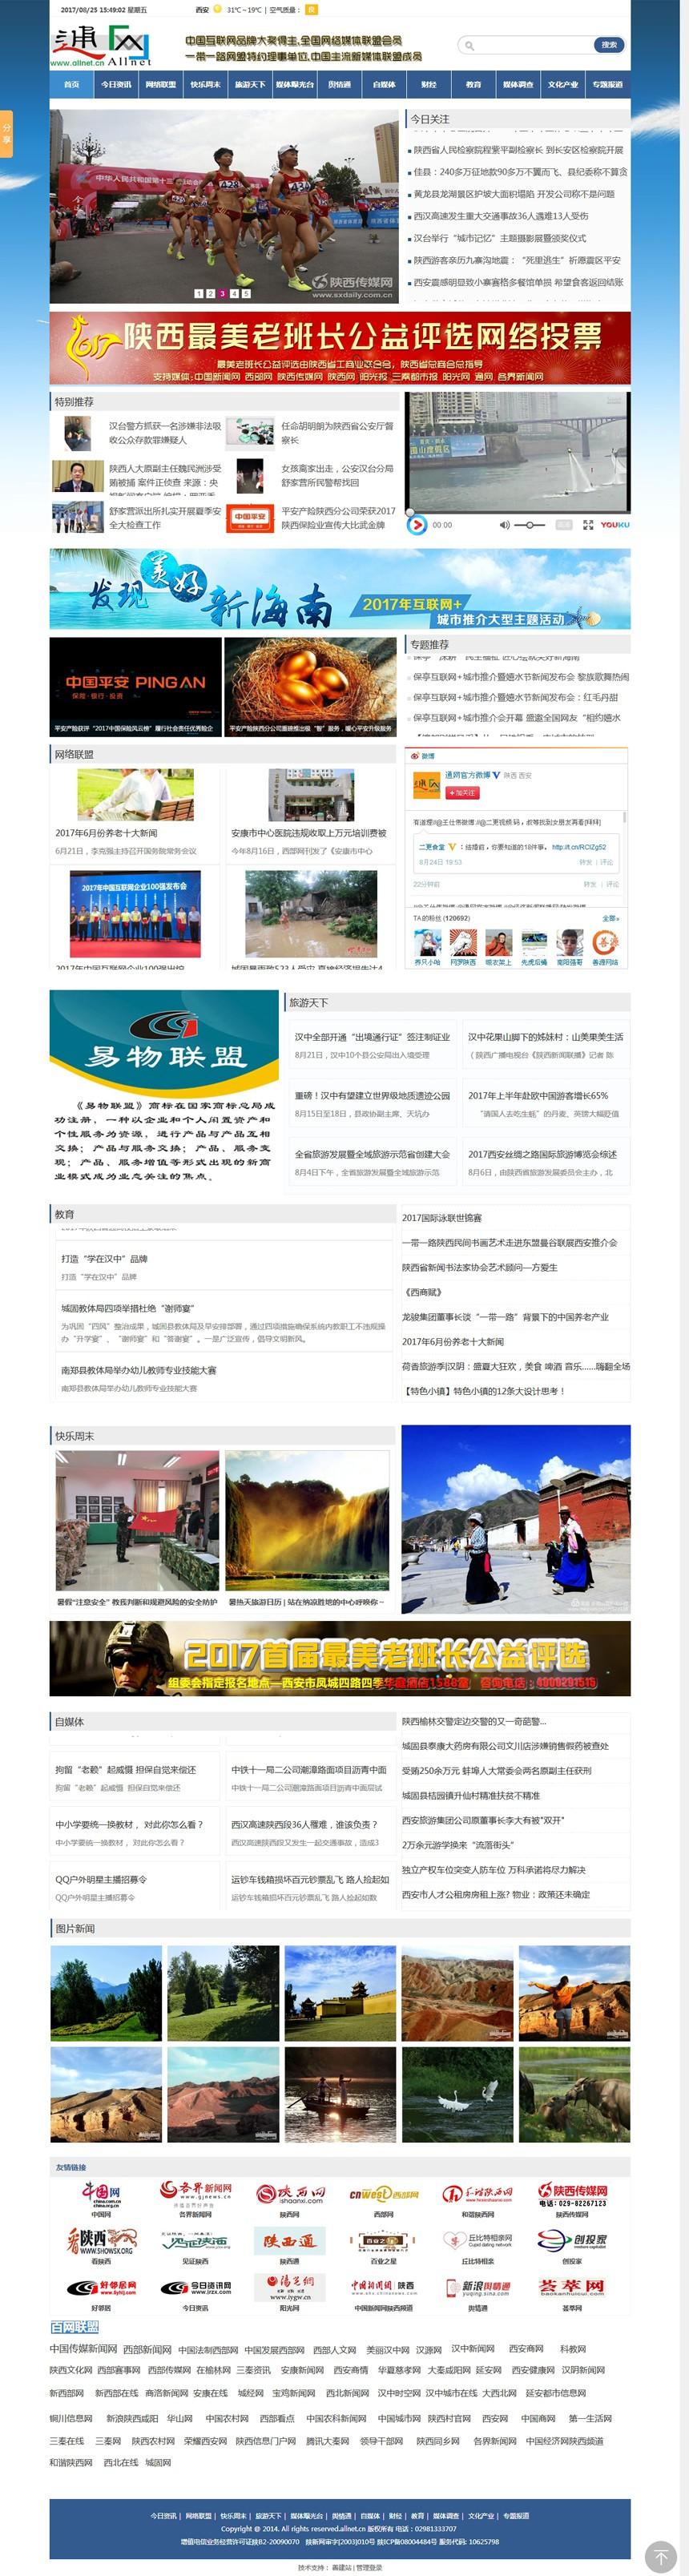 """通網(www.allnet.cn) - 中國互聯網品牌大獎得主,全國網絡媒體聯盟會員,""""一帶一路網盟.jpg"""